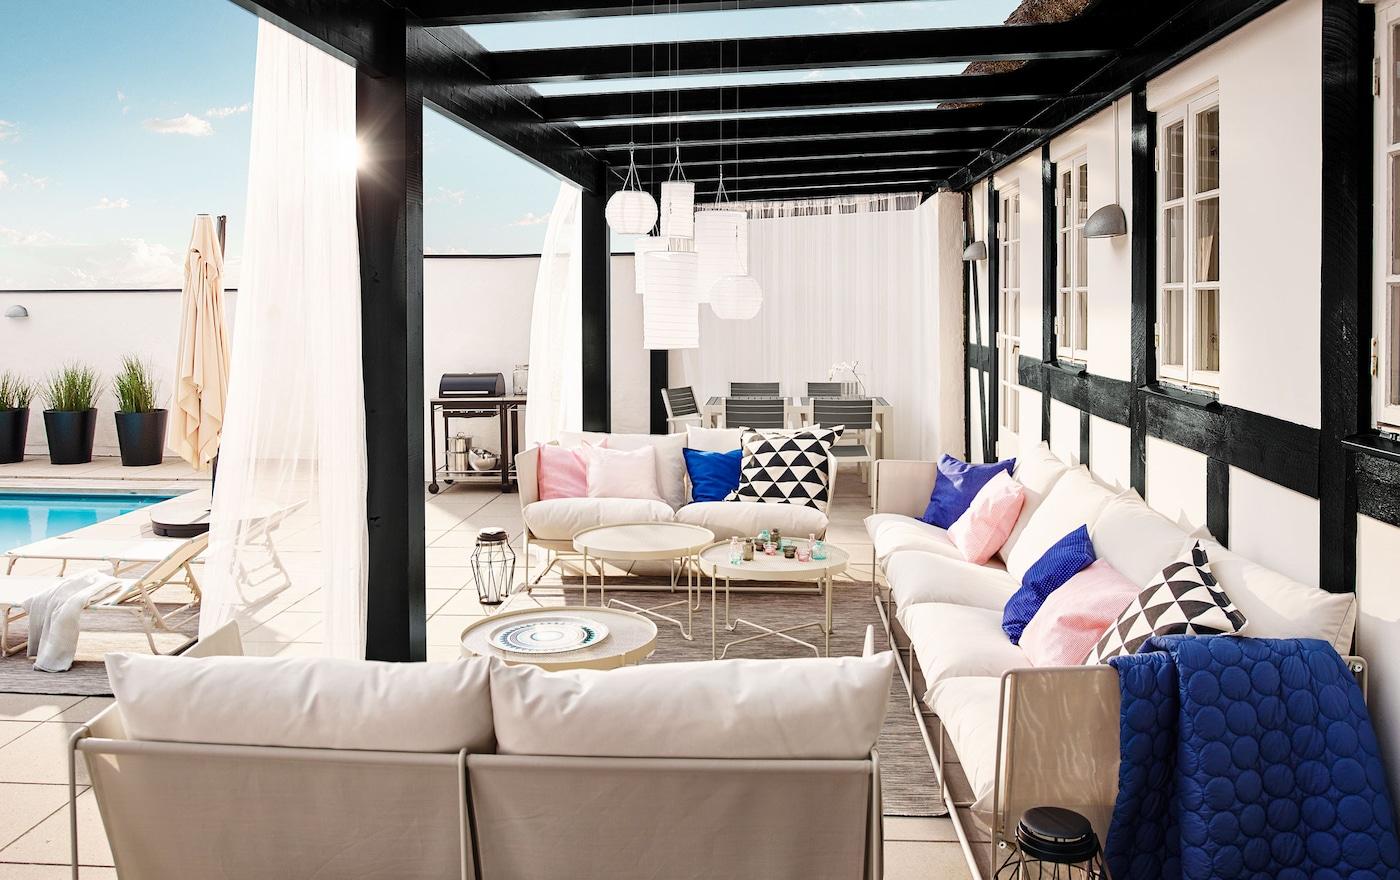 Gemütliche, beige HAVSTEN Sofas für drinnen & draußen unter einer überdachten Terrasse im Garten